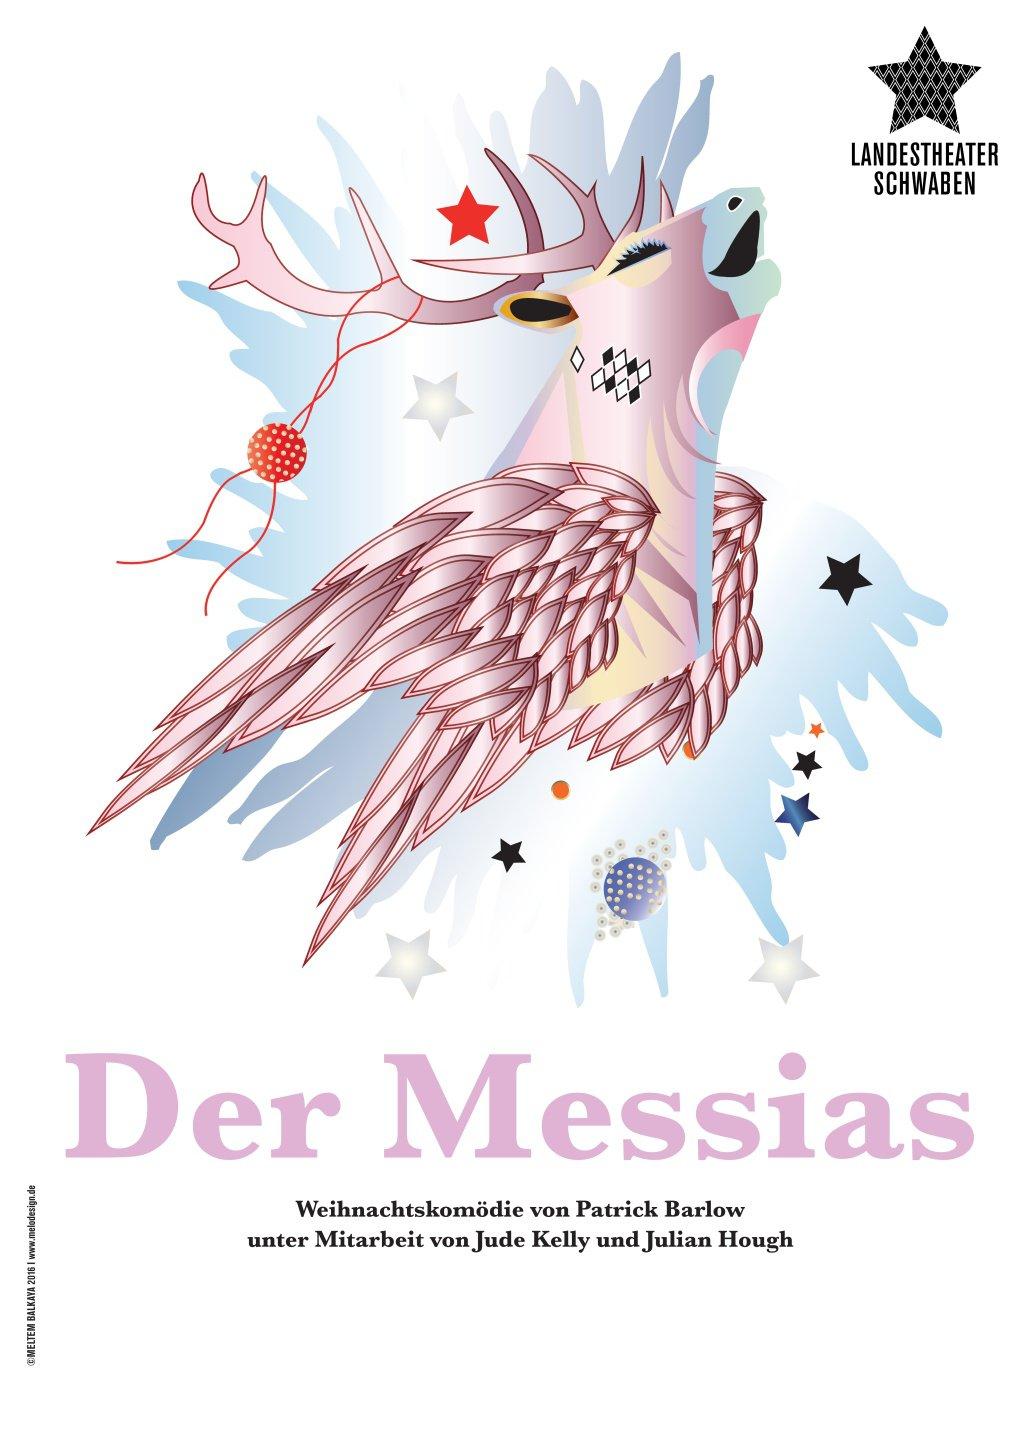 """Der Messias"""": Landestheater zeigt irrwitzige Weihnachts- und ..."""